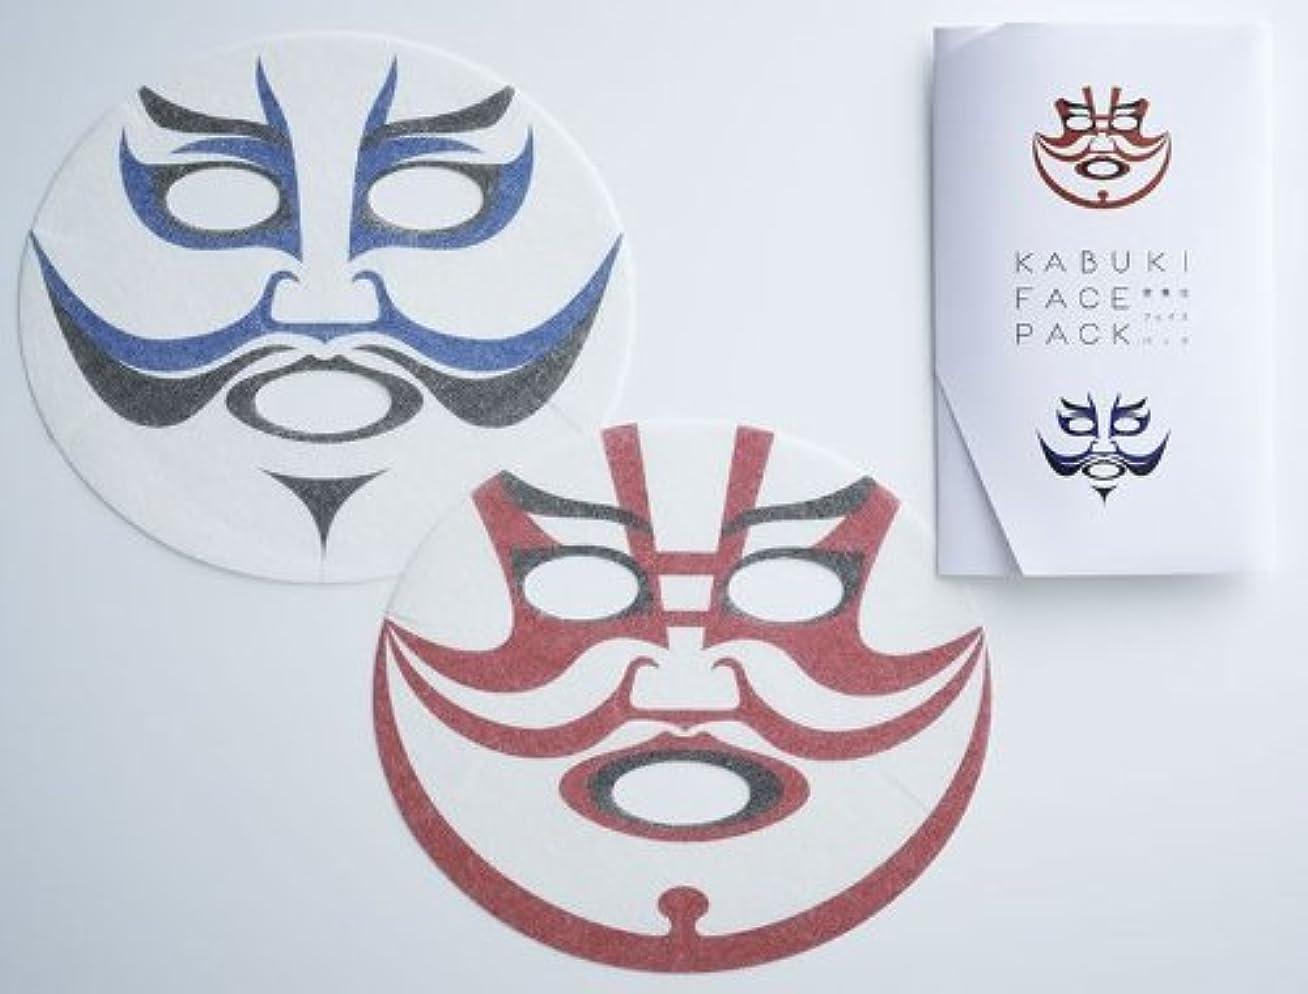 オフェンス価格進む歌舞伎フェイスパック KABUKI FACE PACK